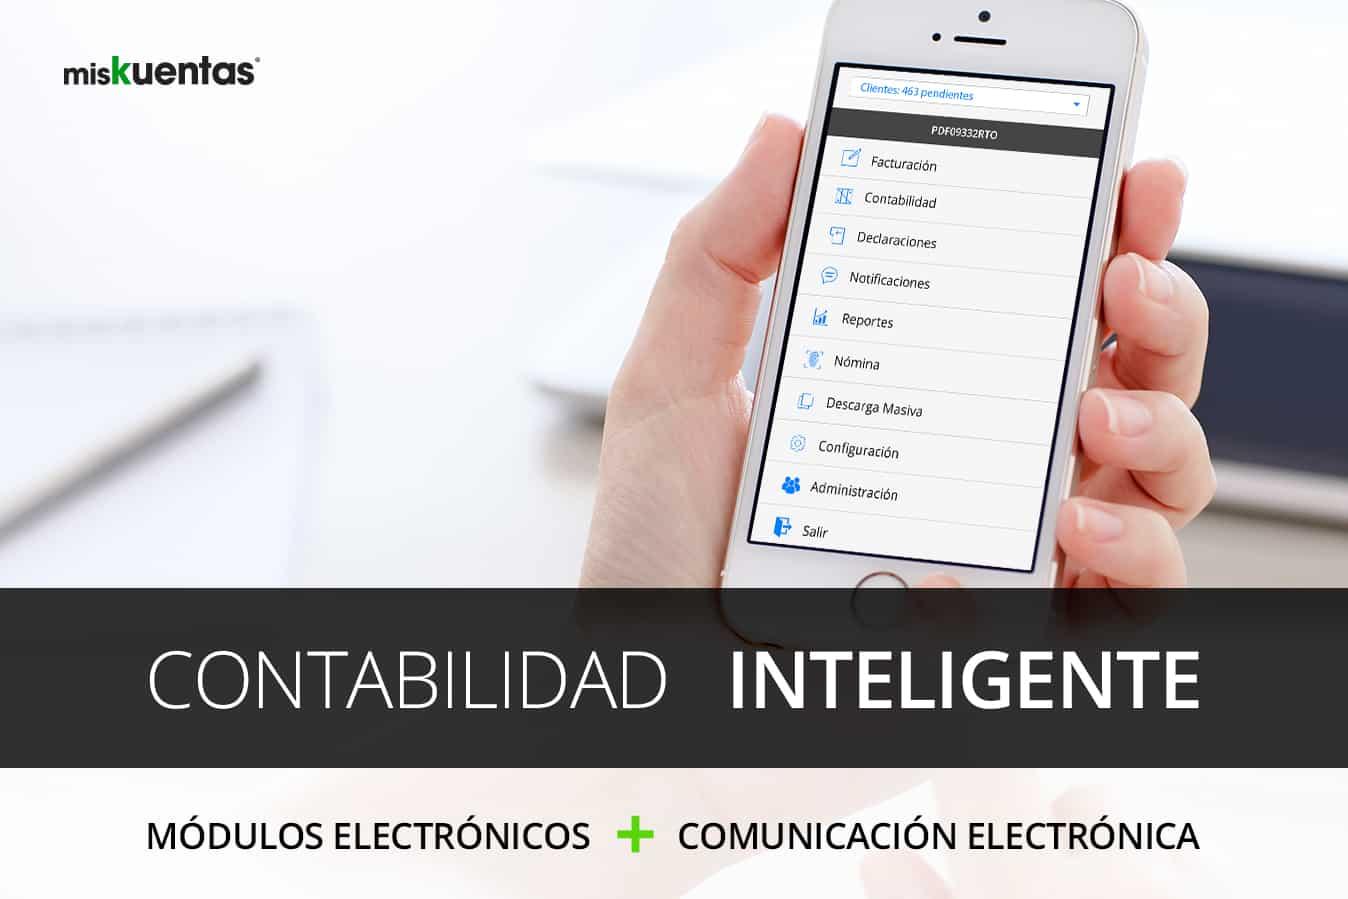 miskuentas.com ofrece, el sistema electrónico de mayor capacidad en el mercado. El modelo de contabilidad inteligente